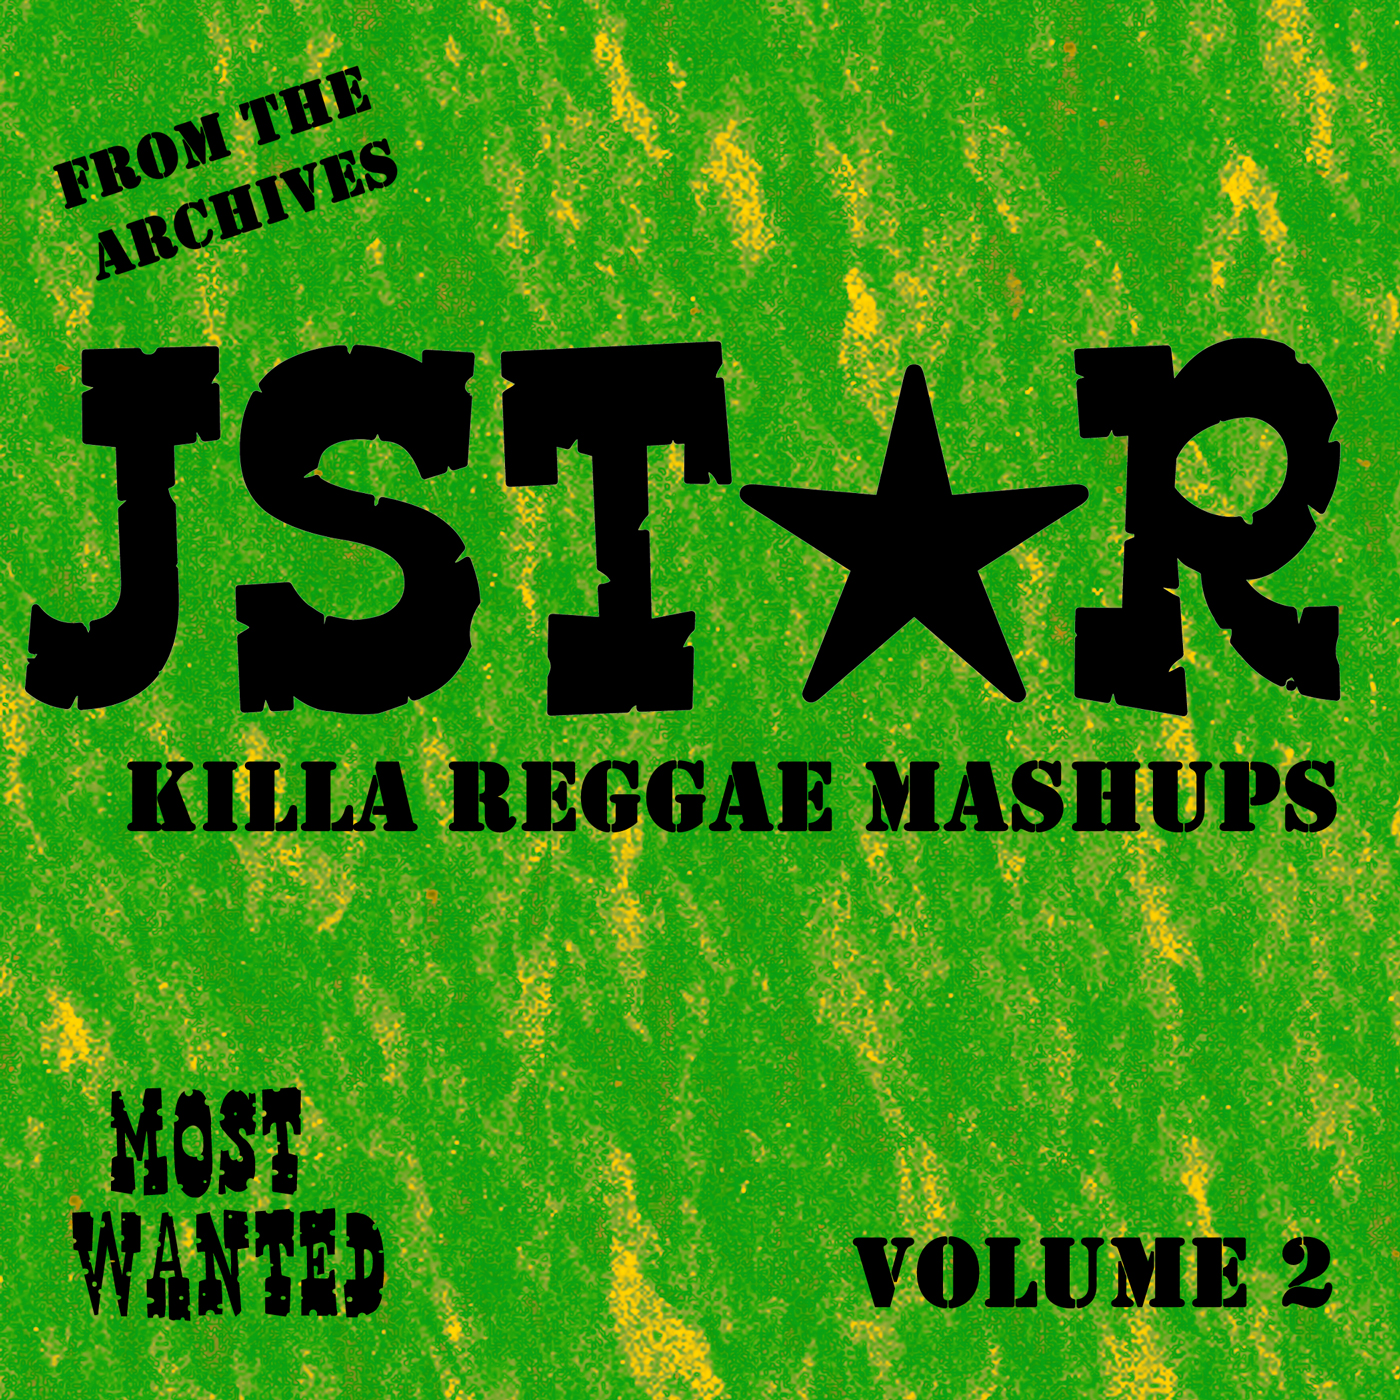 Jstar Archives #2 & Serato Space Ibiza Mix